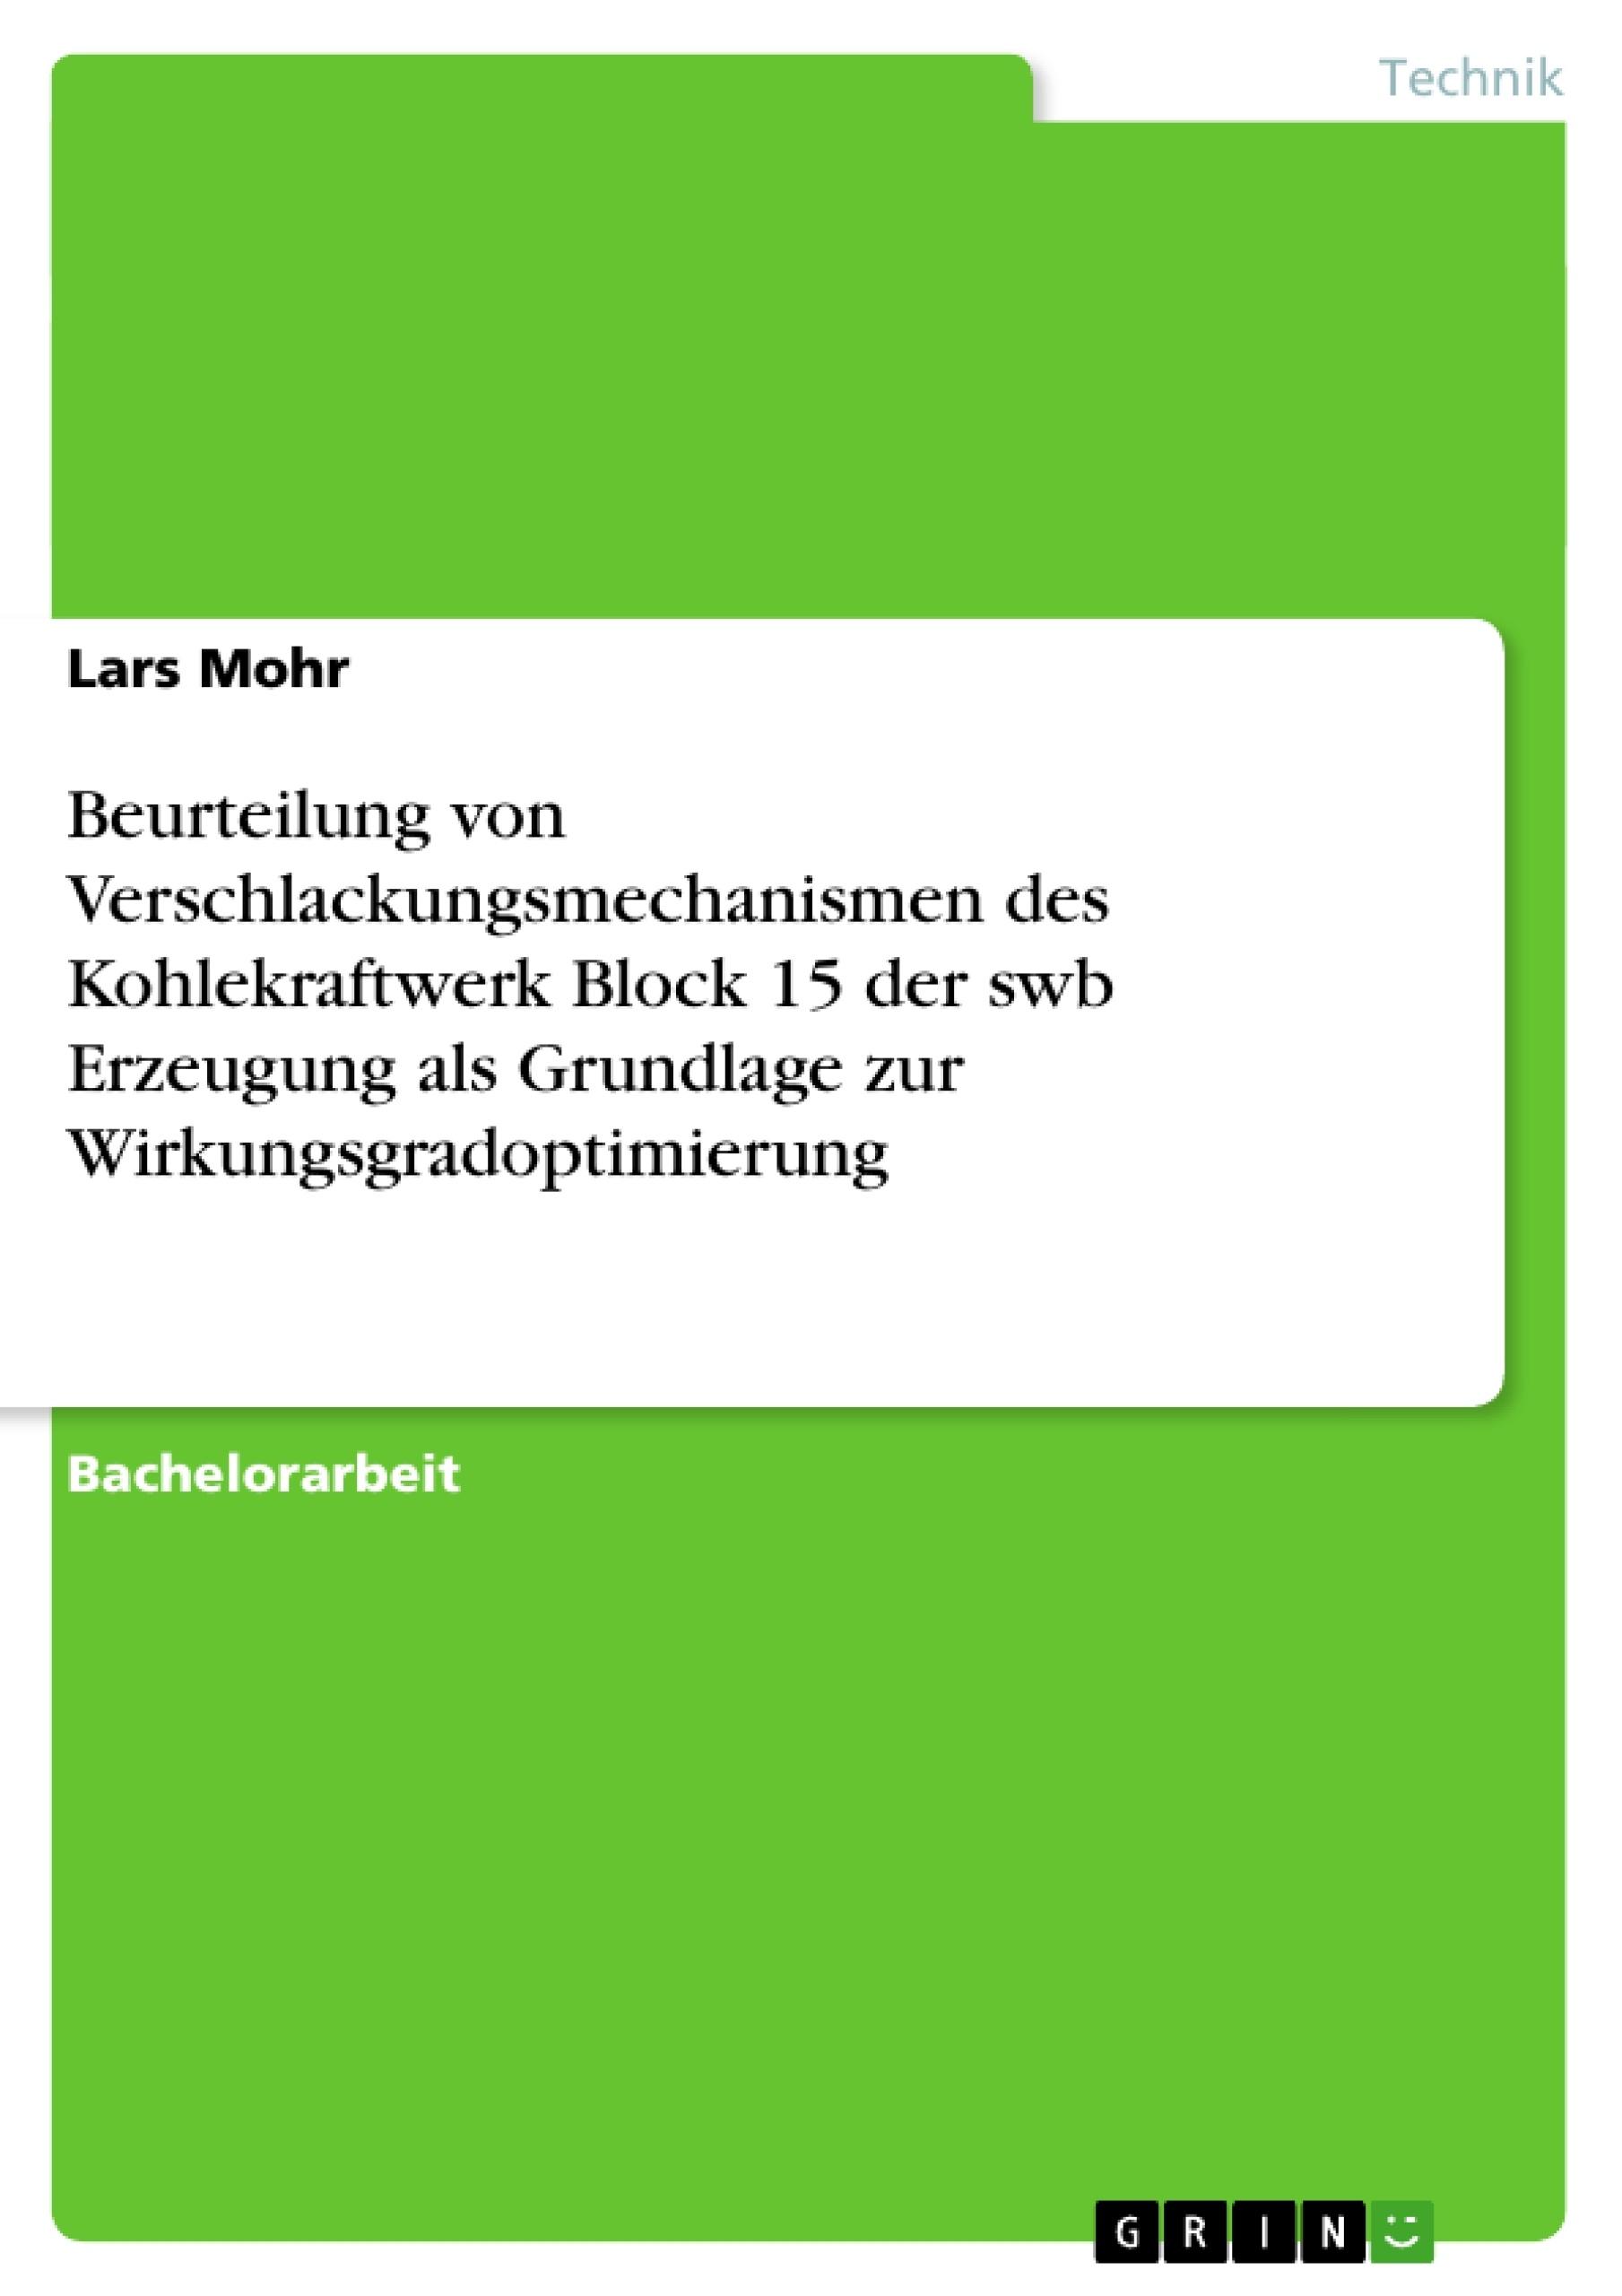 Beurteilung von Verschlackungsmechanismen des Kohlekraftwerk Block ...